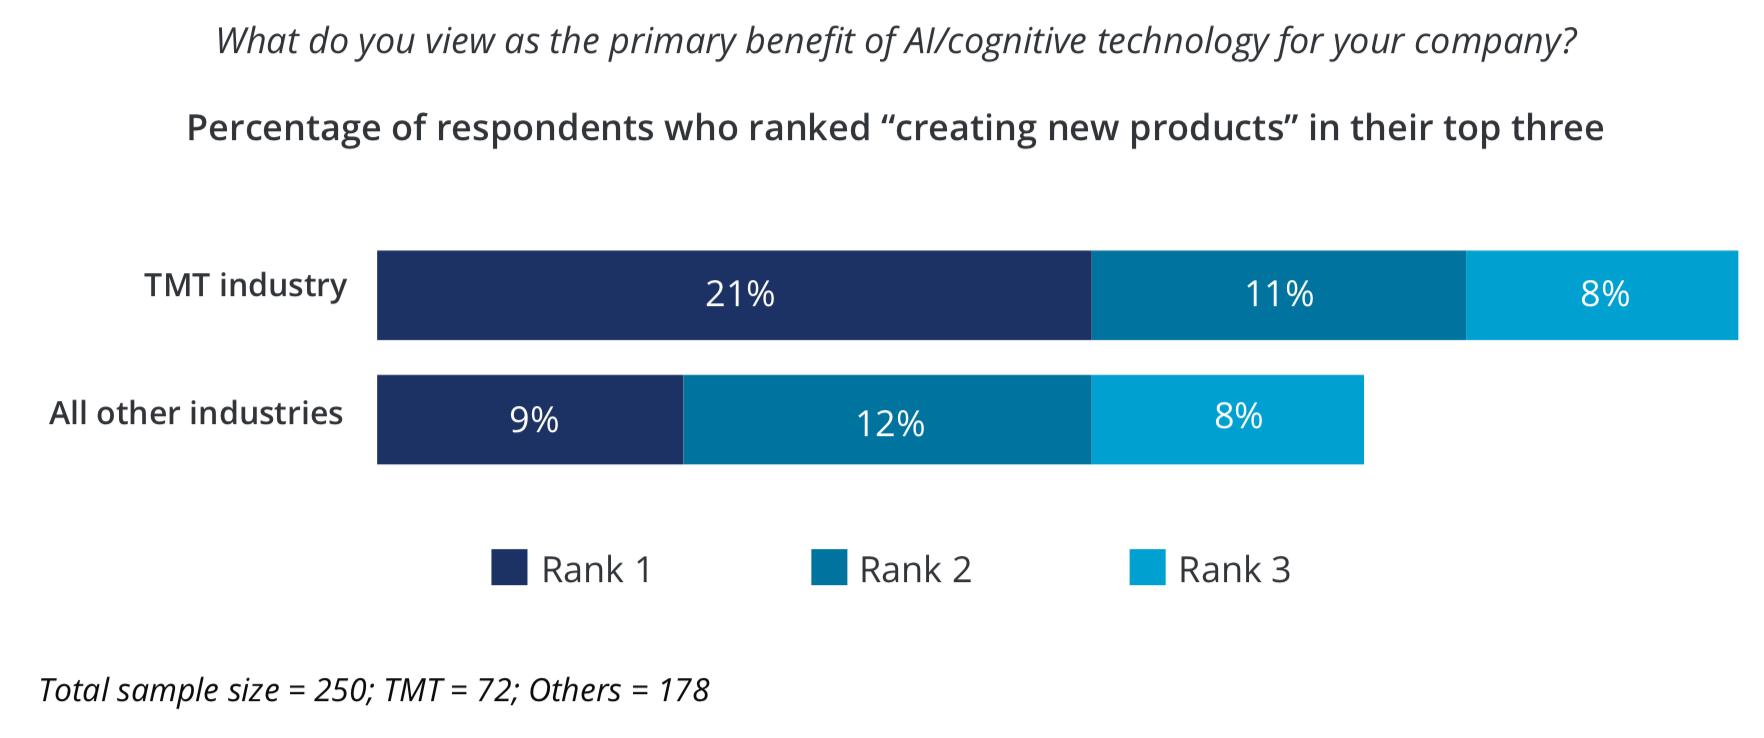 KI-Systeme in der Produktentwicklung einsetzen zu können, sehen viele Unternehmen als Vorteil.